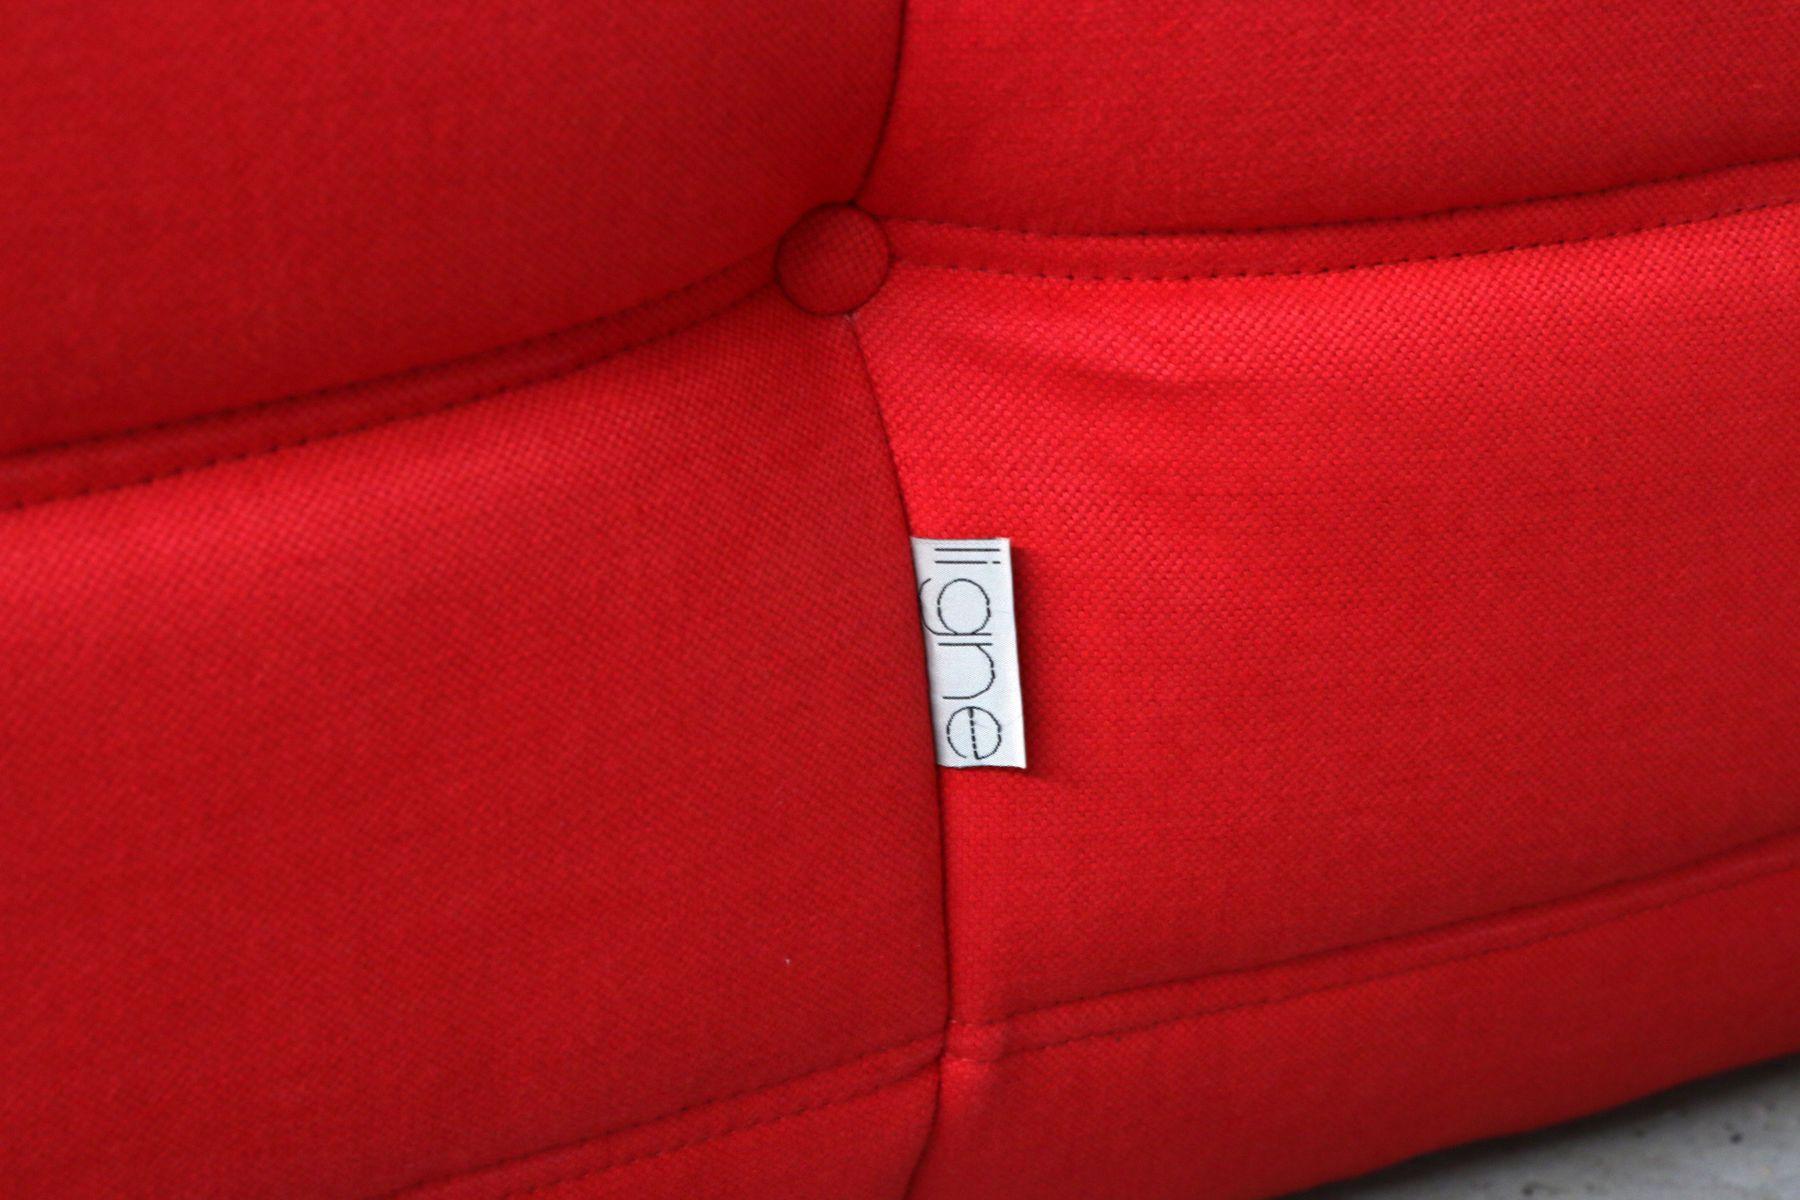 Canap deux places togo vintage rouge par ligne roset en vente sur pamono - Canape ligne roset solde ...